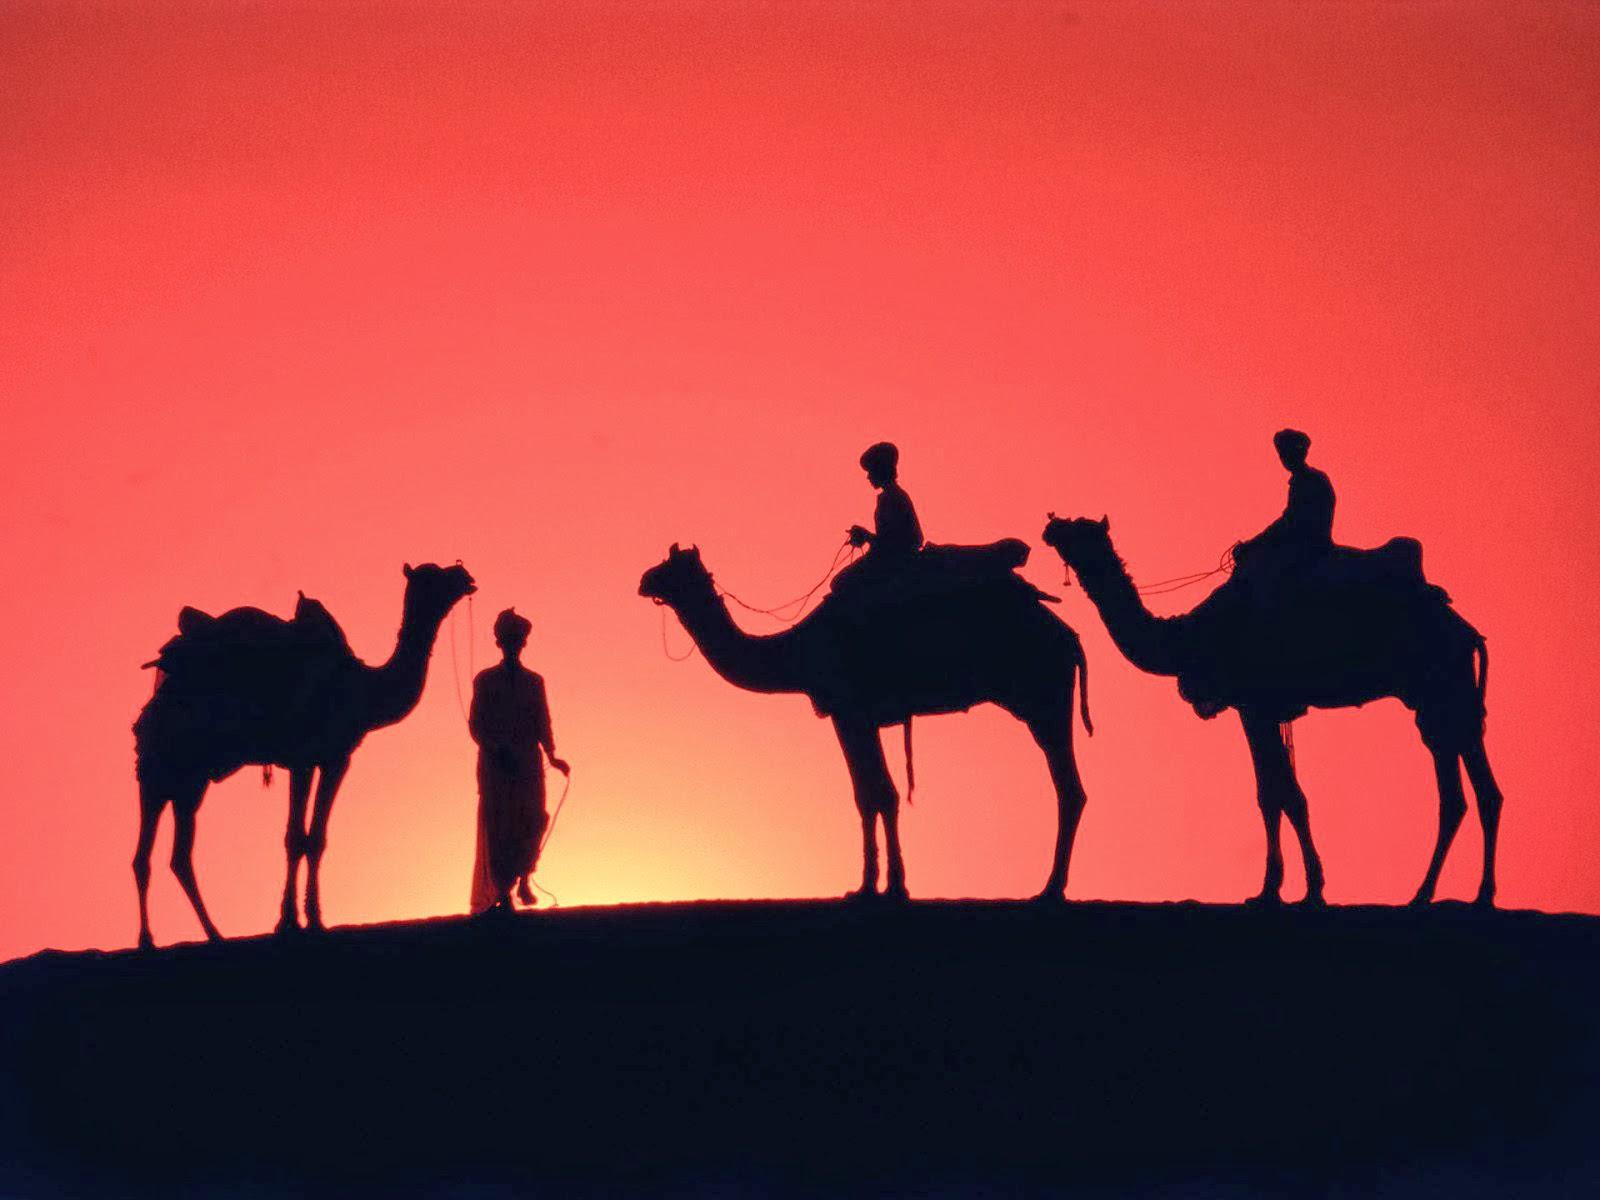 camels_in_the_desert_1920x1440.jpg